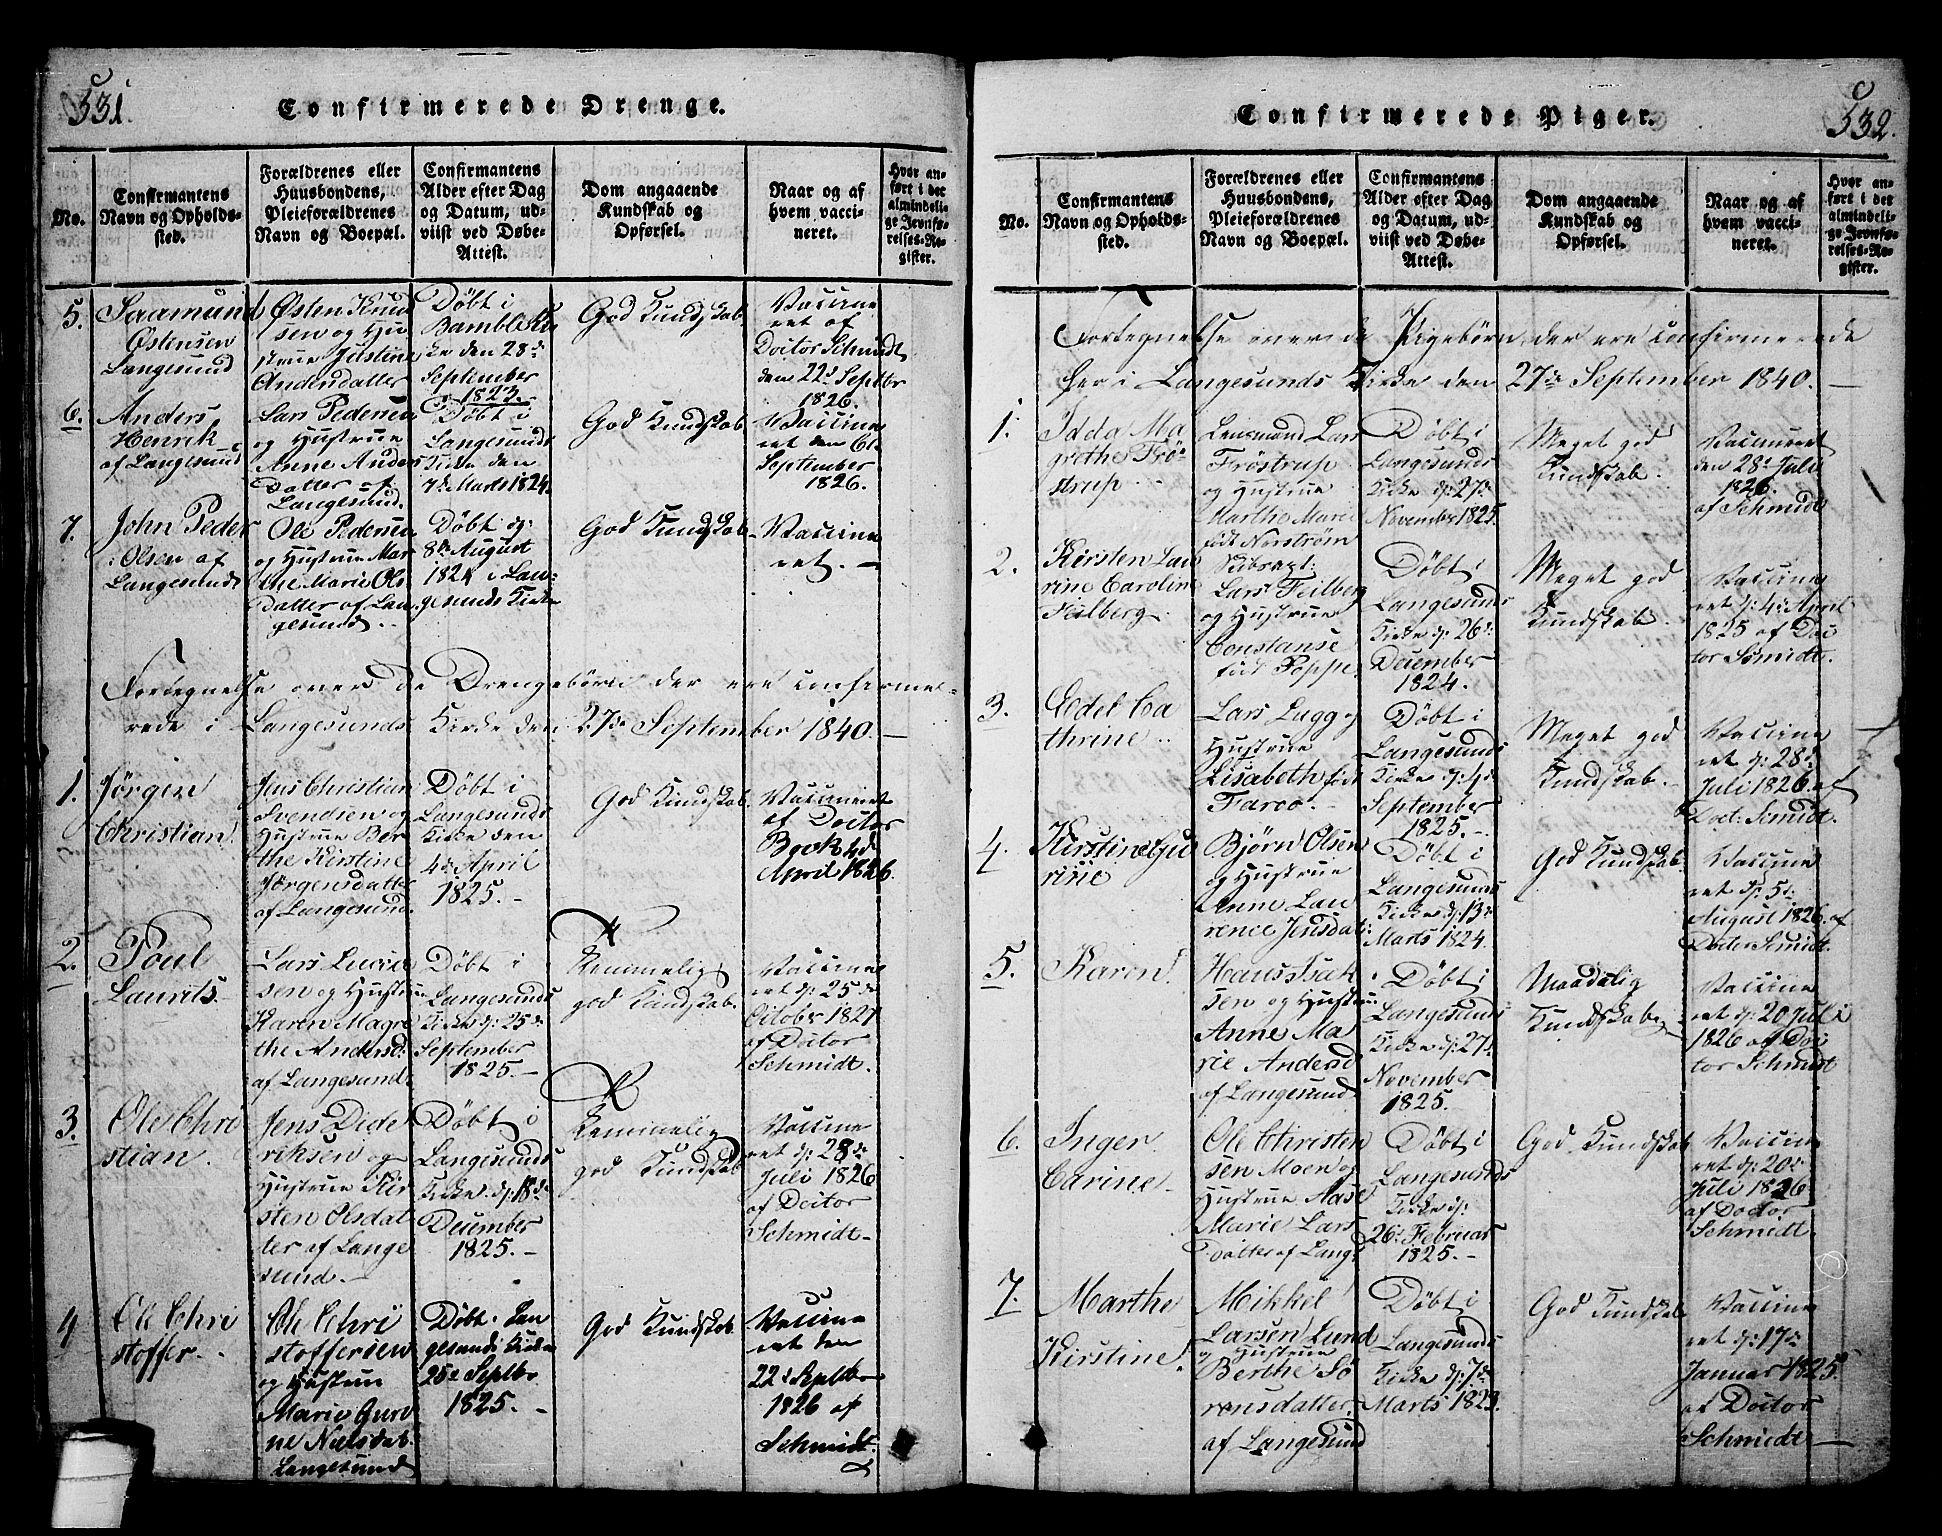 SAKO, Langesund kirkebøker, G/Ga/L0003: Klokkerbok nr. 3, 1815-1858, s. 531-532